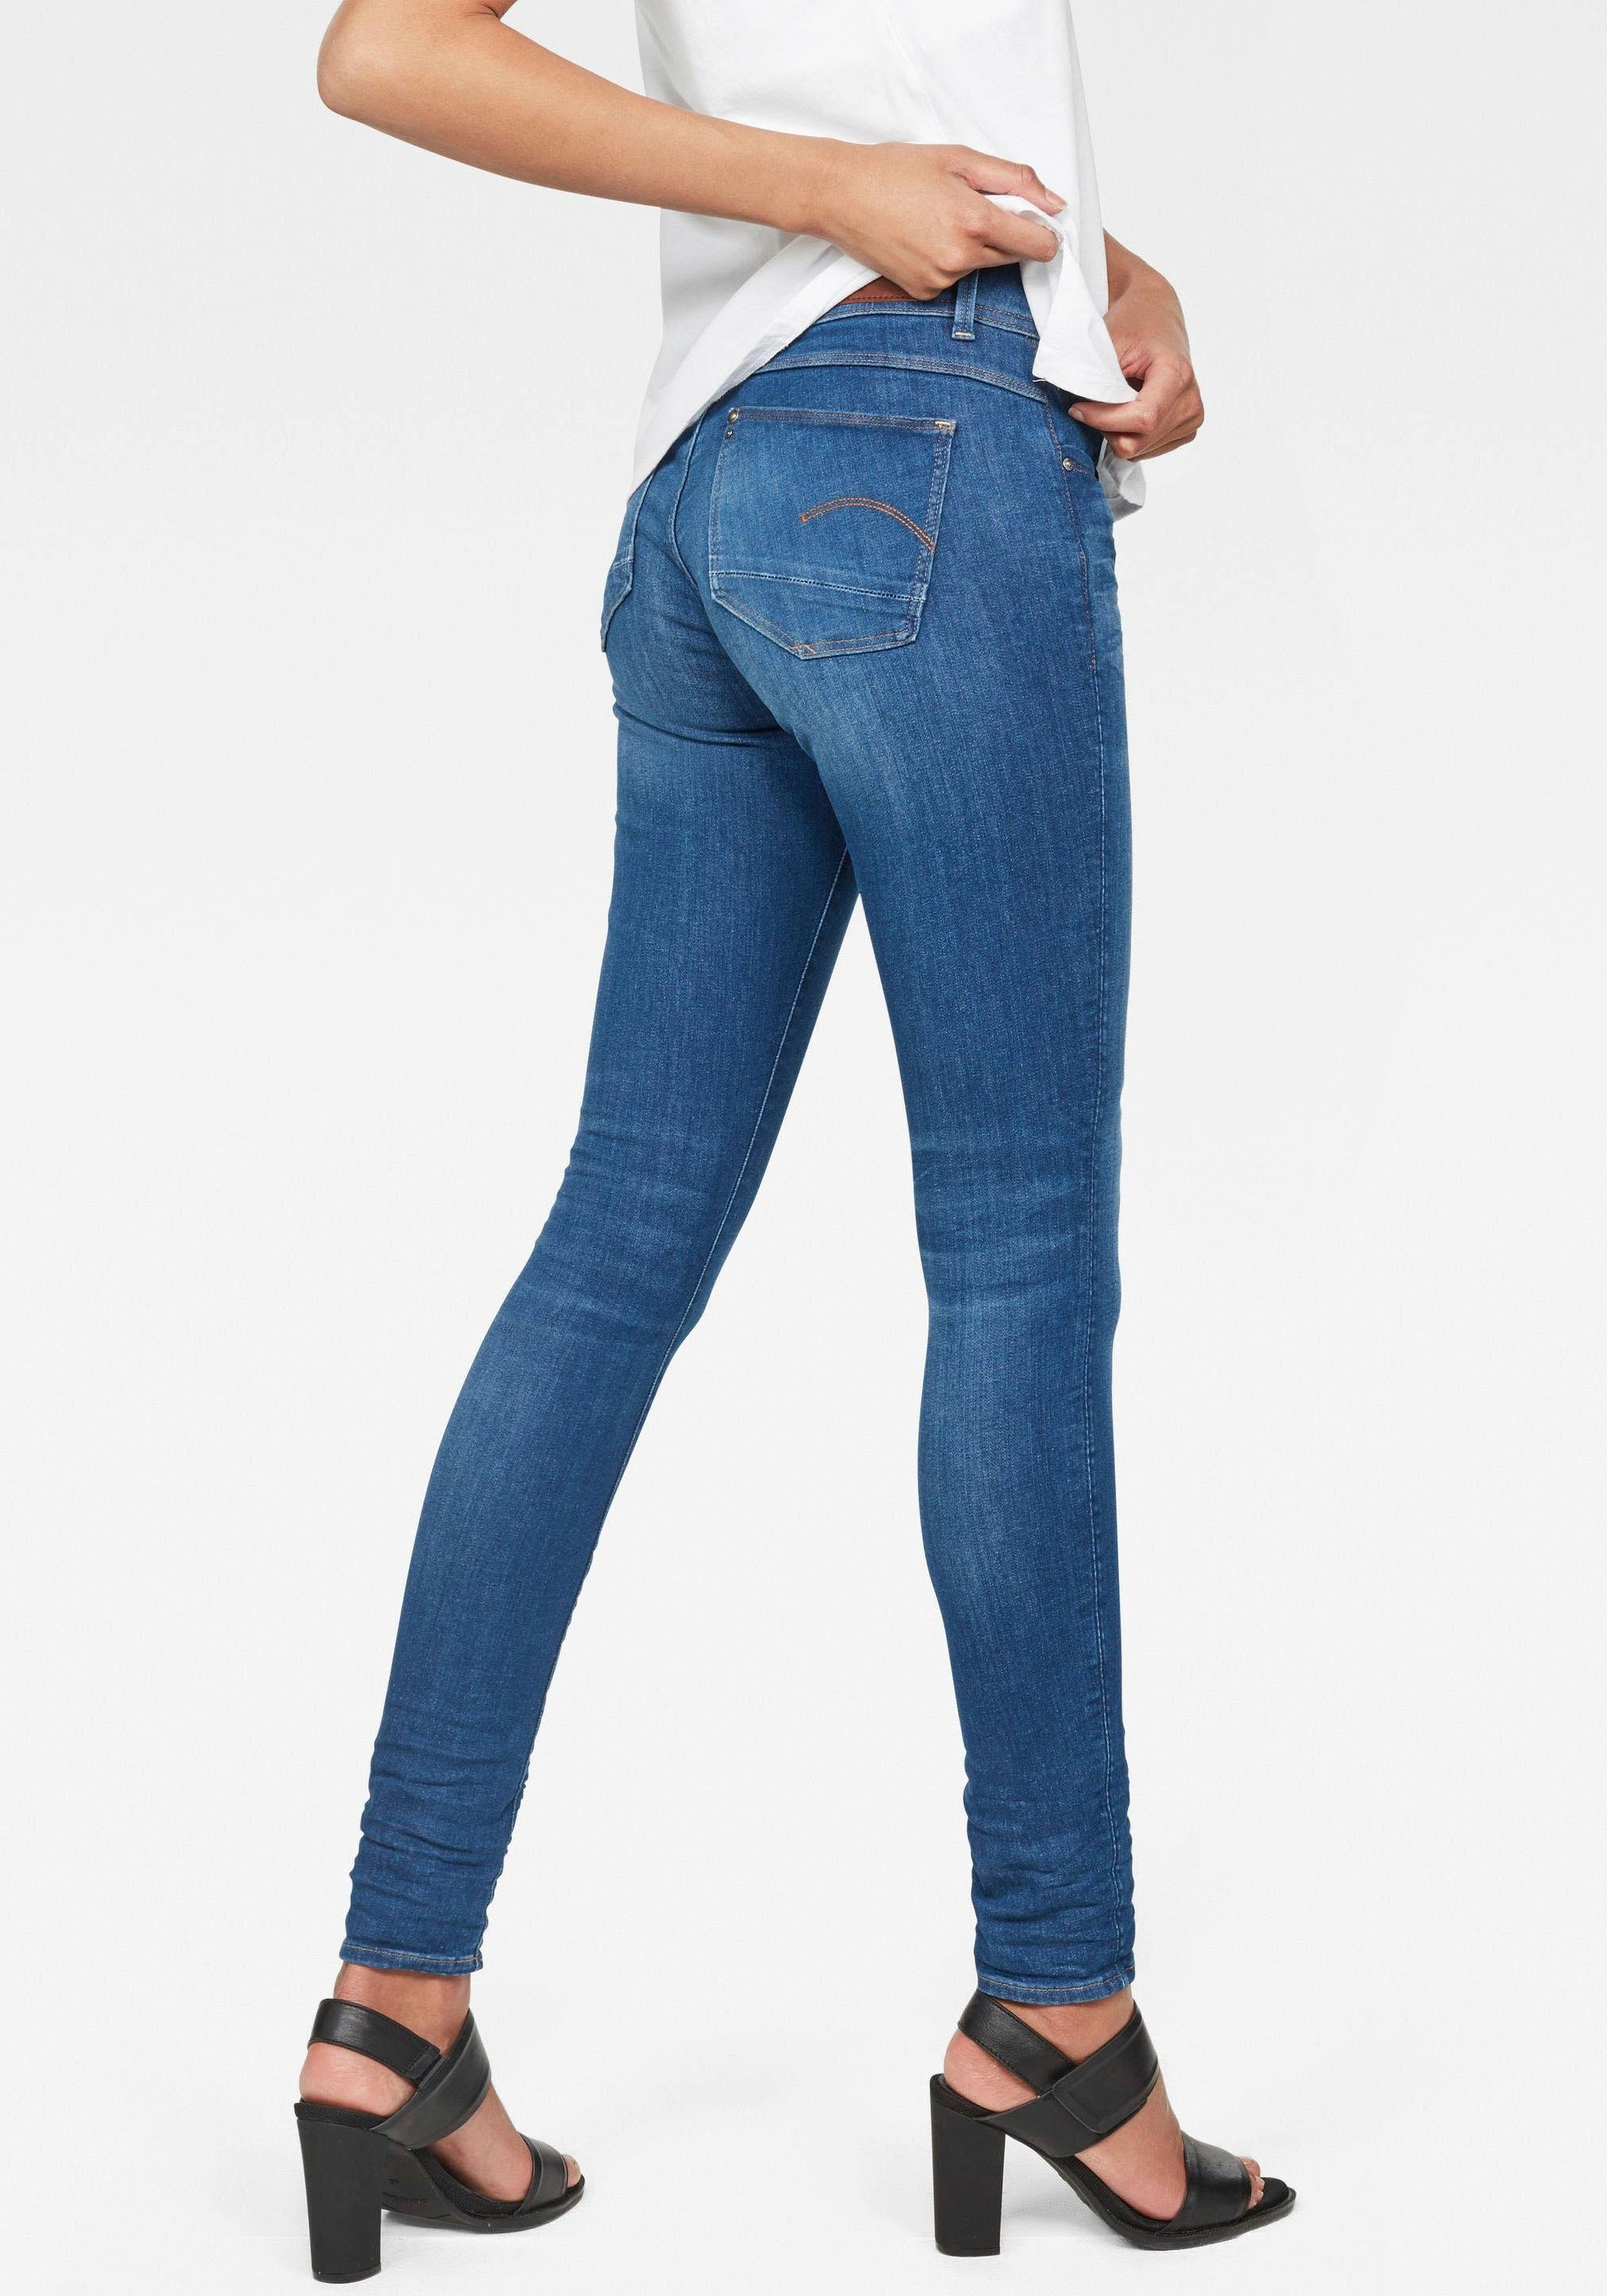 G-star Raw skinny jeans »Lynn Mid Skinny« bestellen: 14 dagen bedenktijd